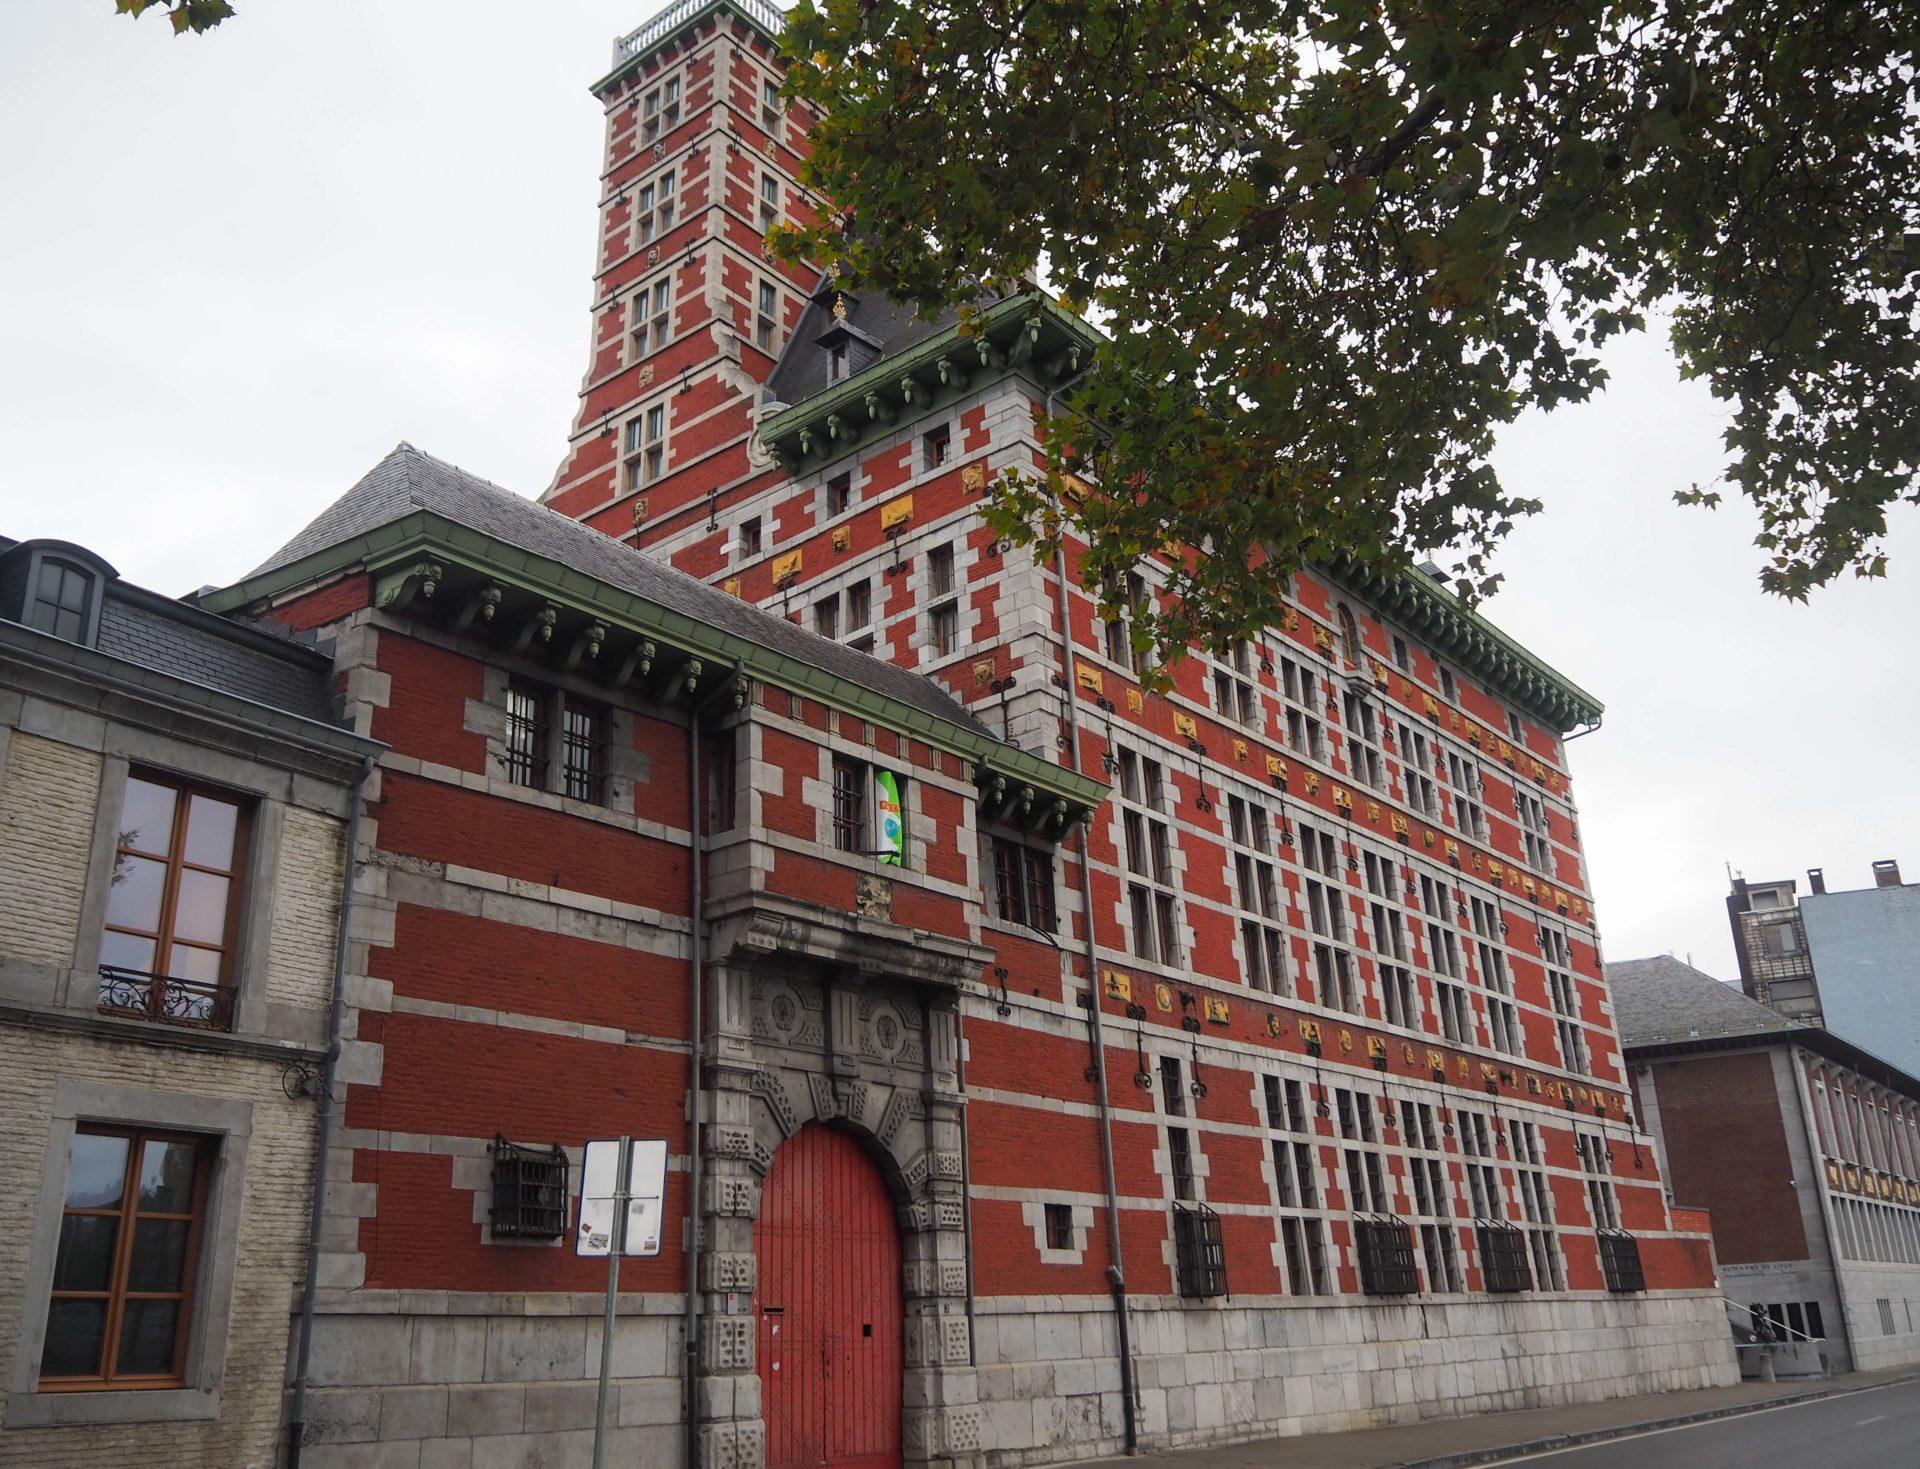 Grand Curtius - Visiter Liège en Belgique en mode slow - Que faire et que visiter à Liège? - Adresses slow et gourmandes à Liège - Informations pratiques pour visiter Liège et en tomber amoureuse en quelques instants!